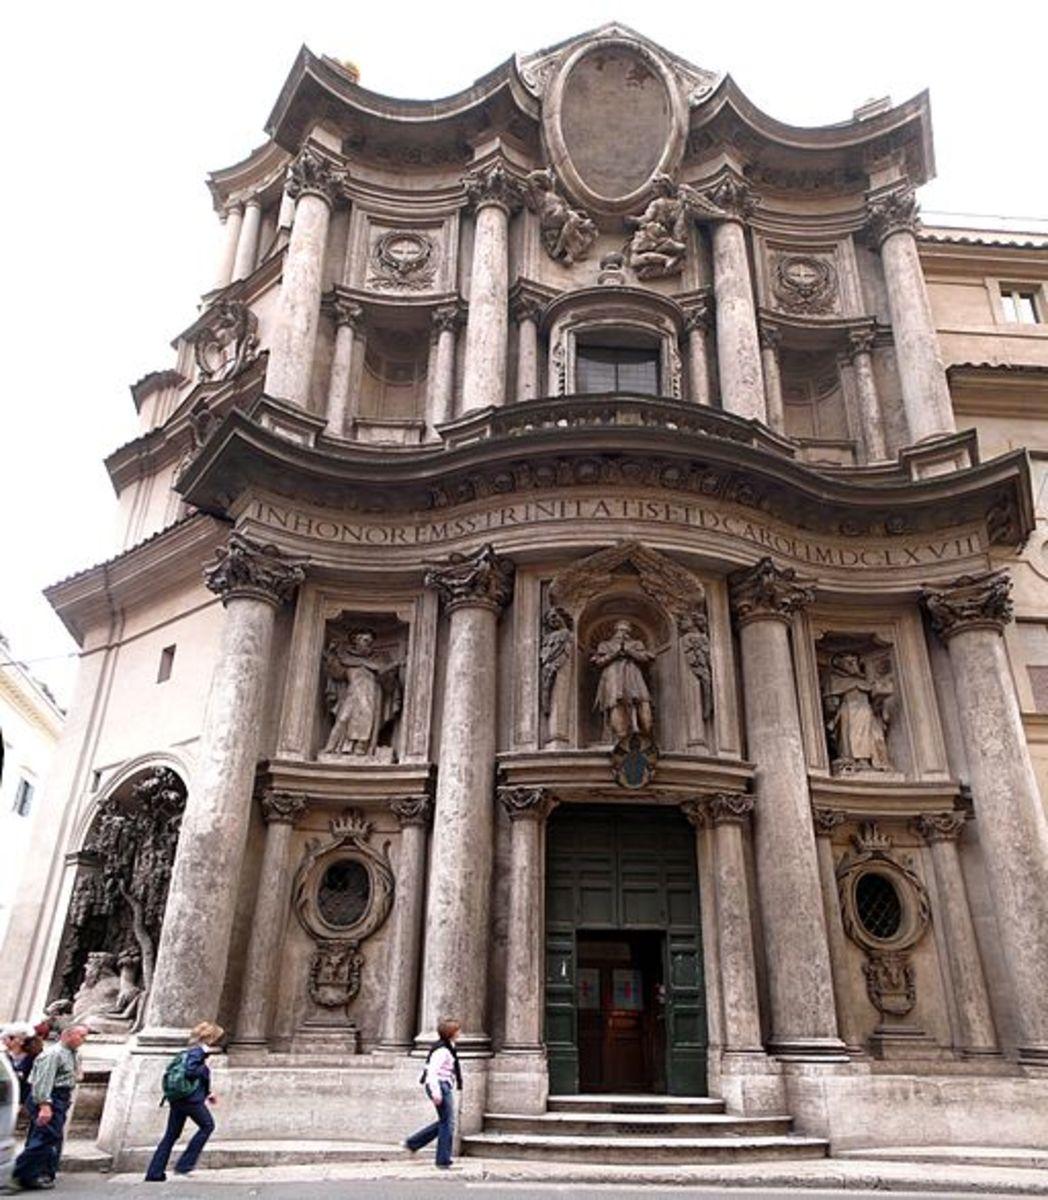 San Carlo alle Quattro Fontane, Rome